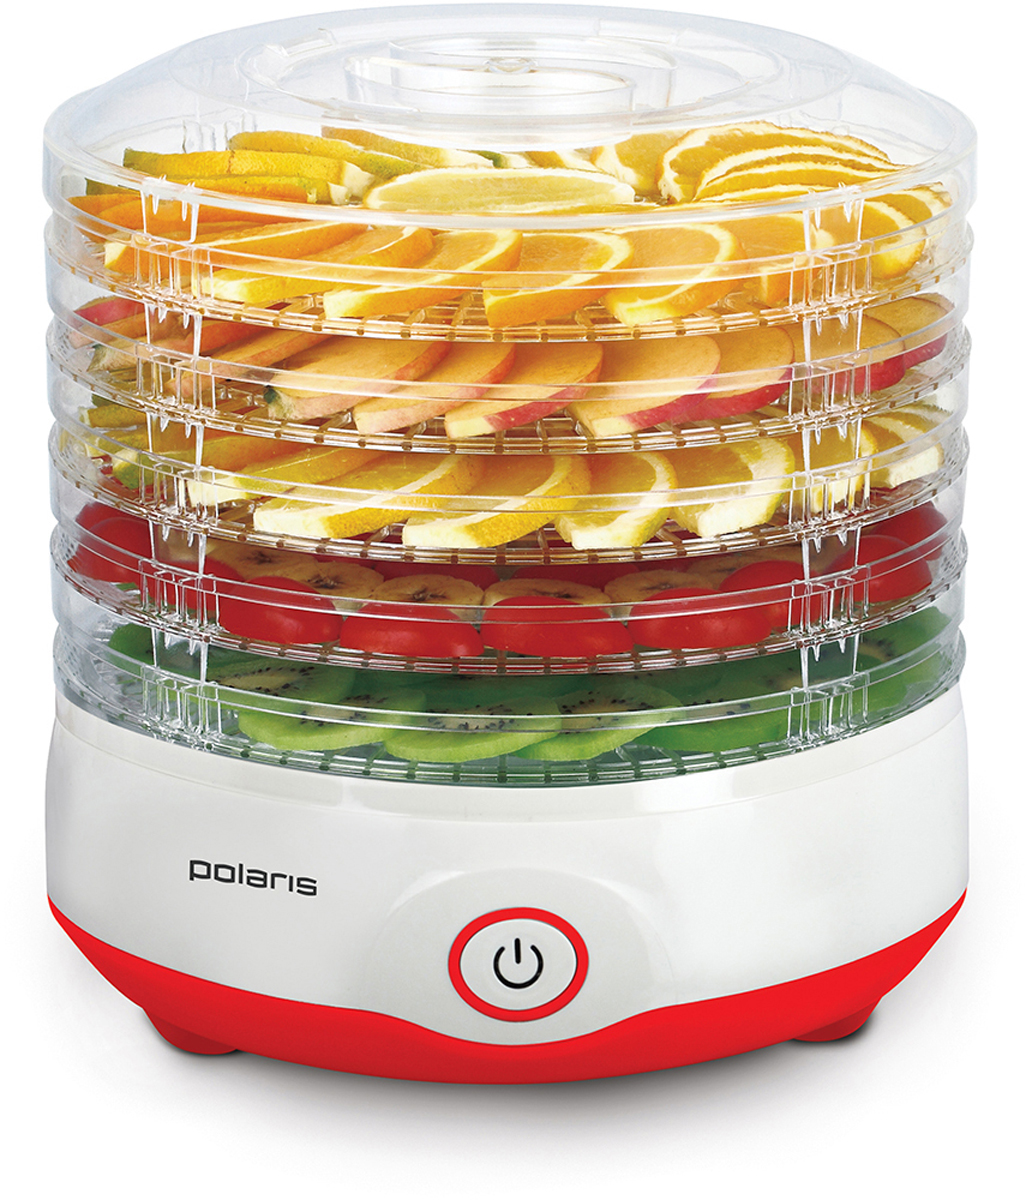 Polaris PFD 2105D сушилка для овощей и фруктов - Стиральные машины и сушильные аппараты